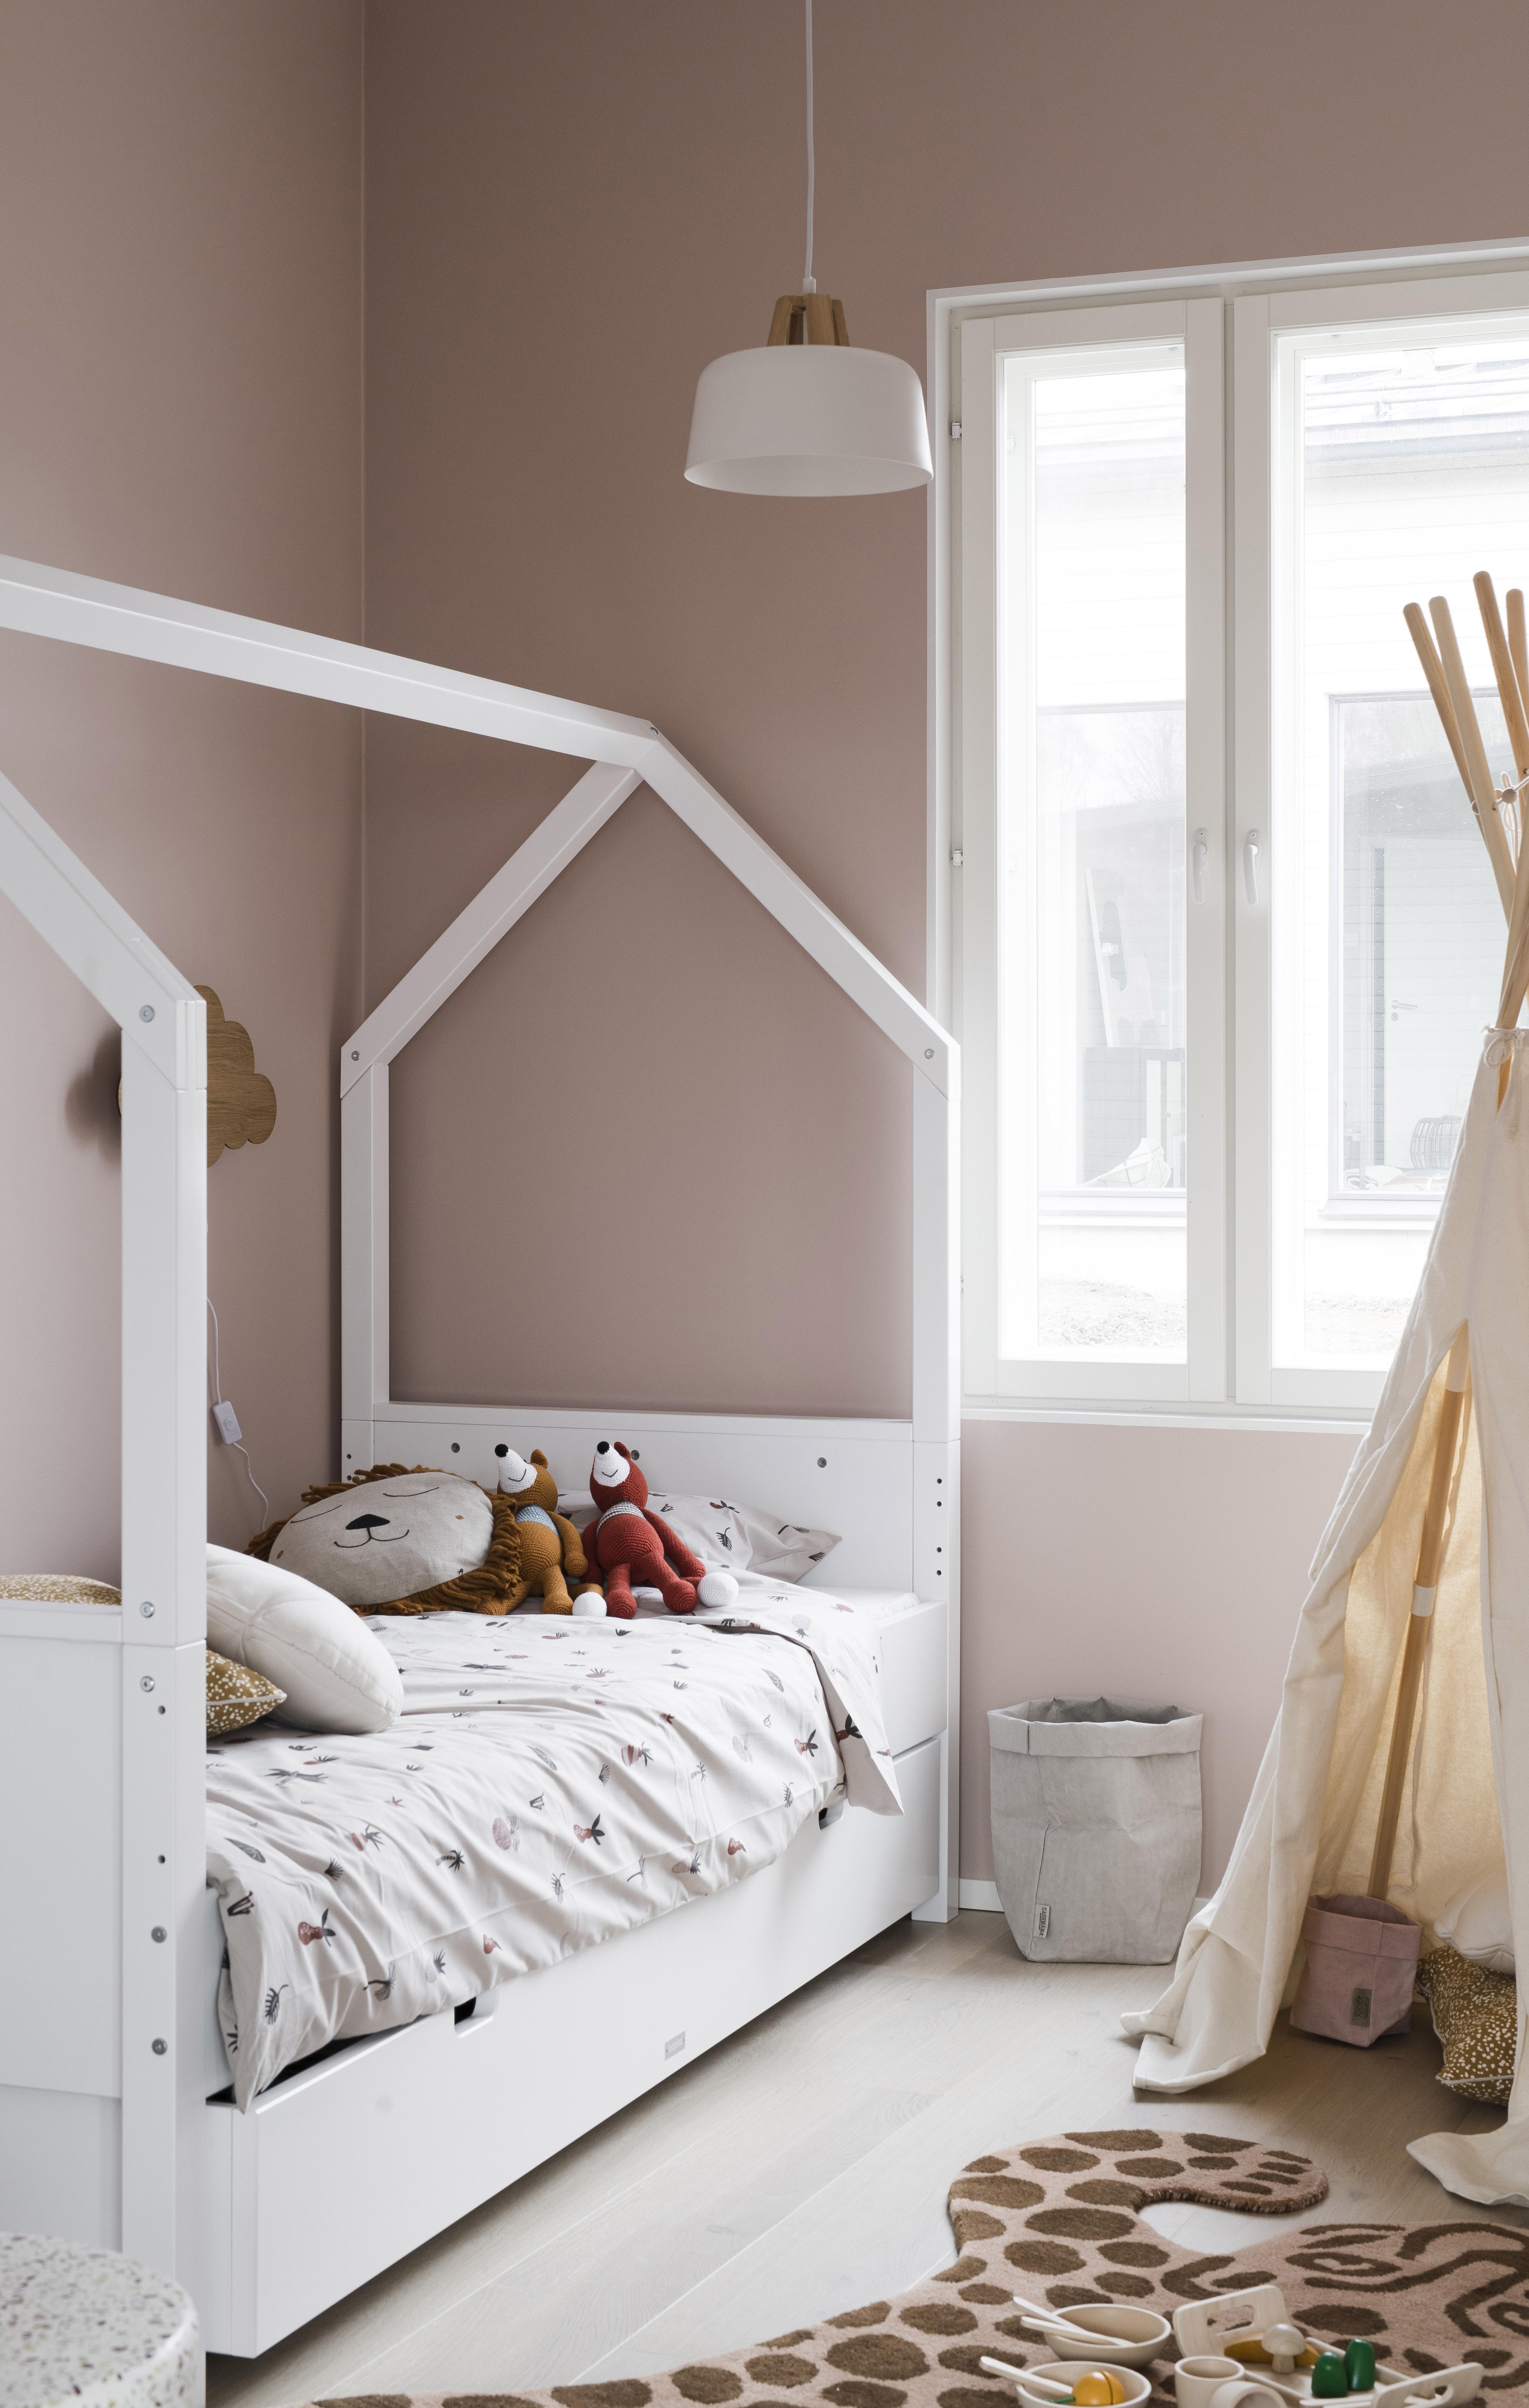 Lastenhuoneen sisustus: hempeä värimaailma on ajaton.